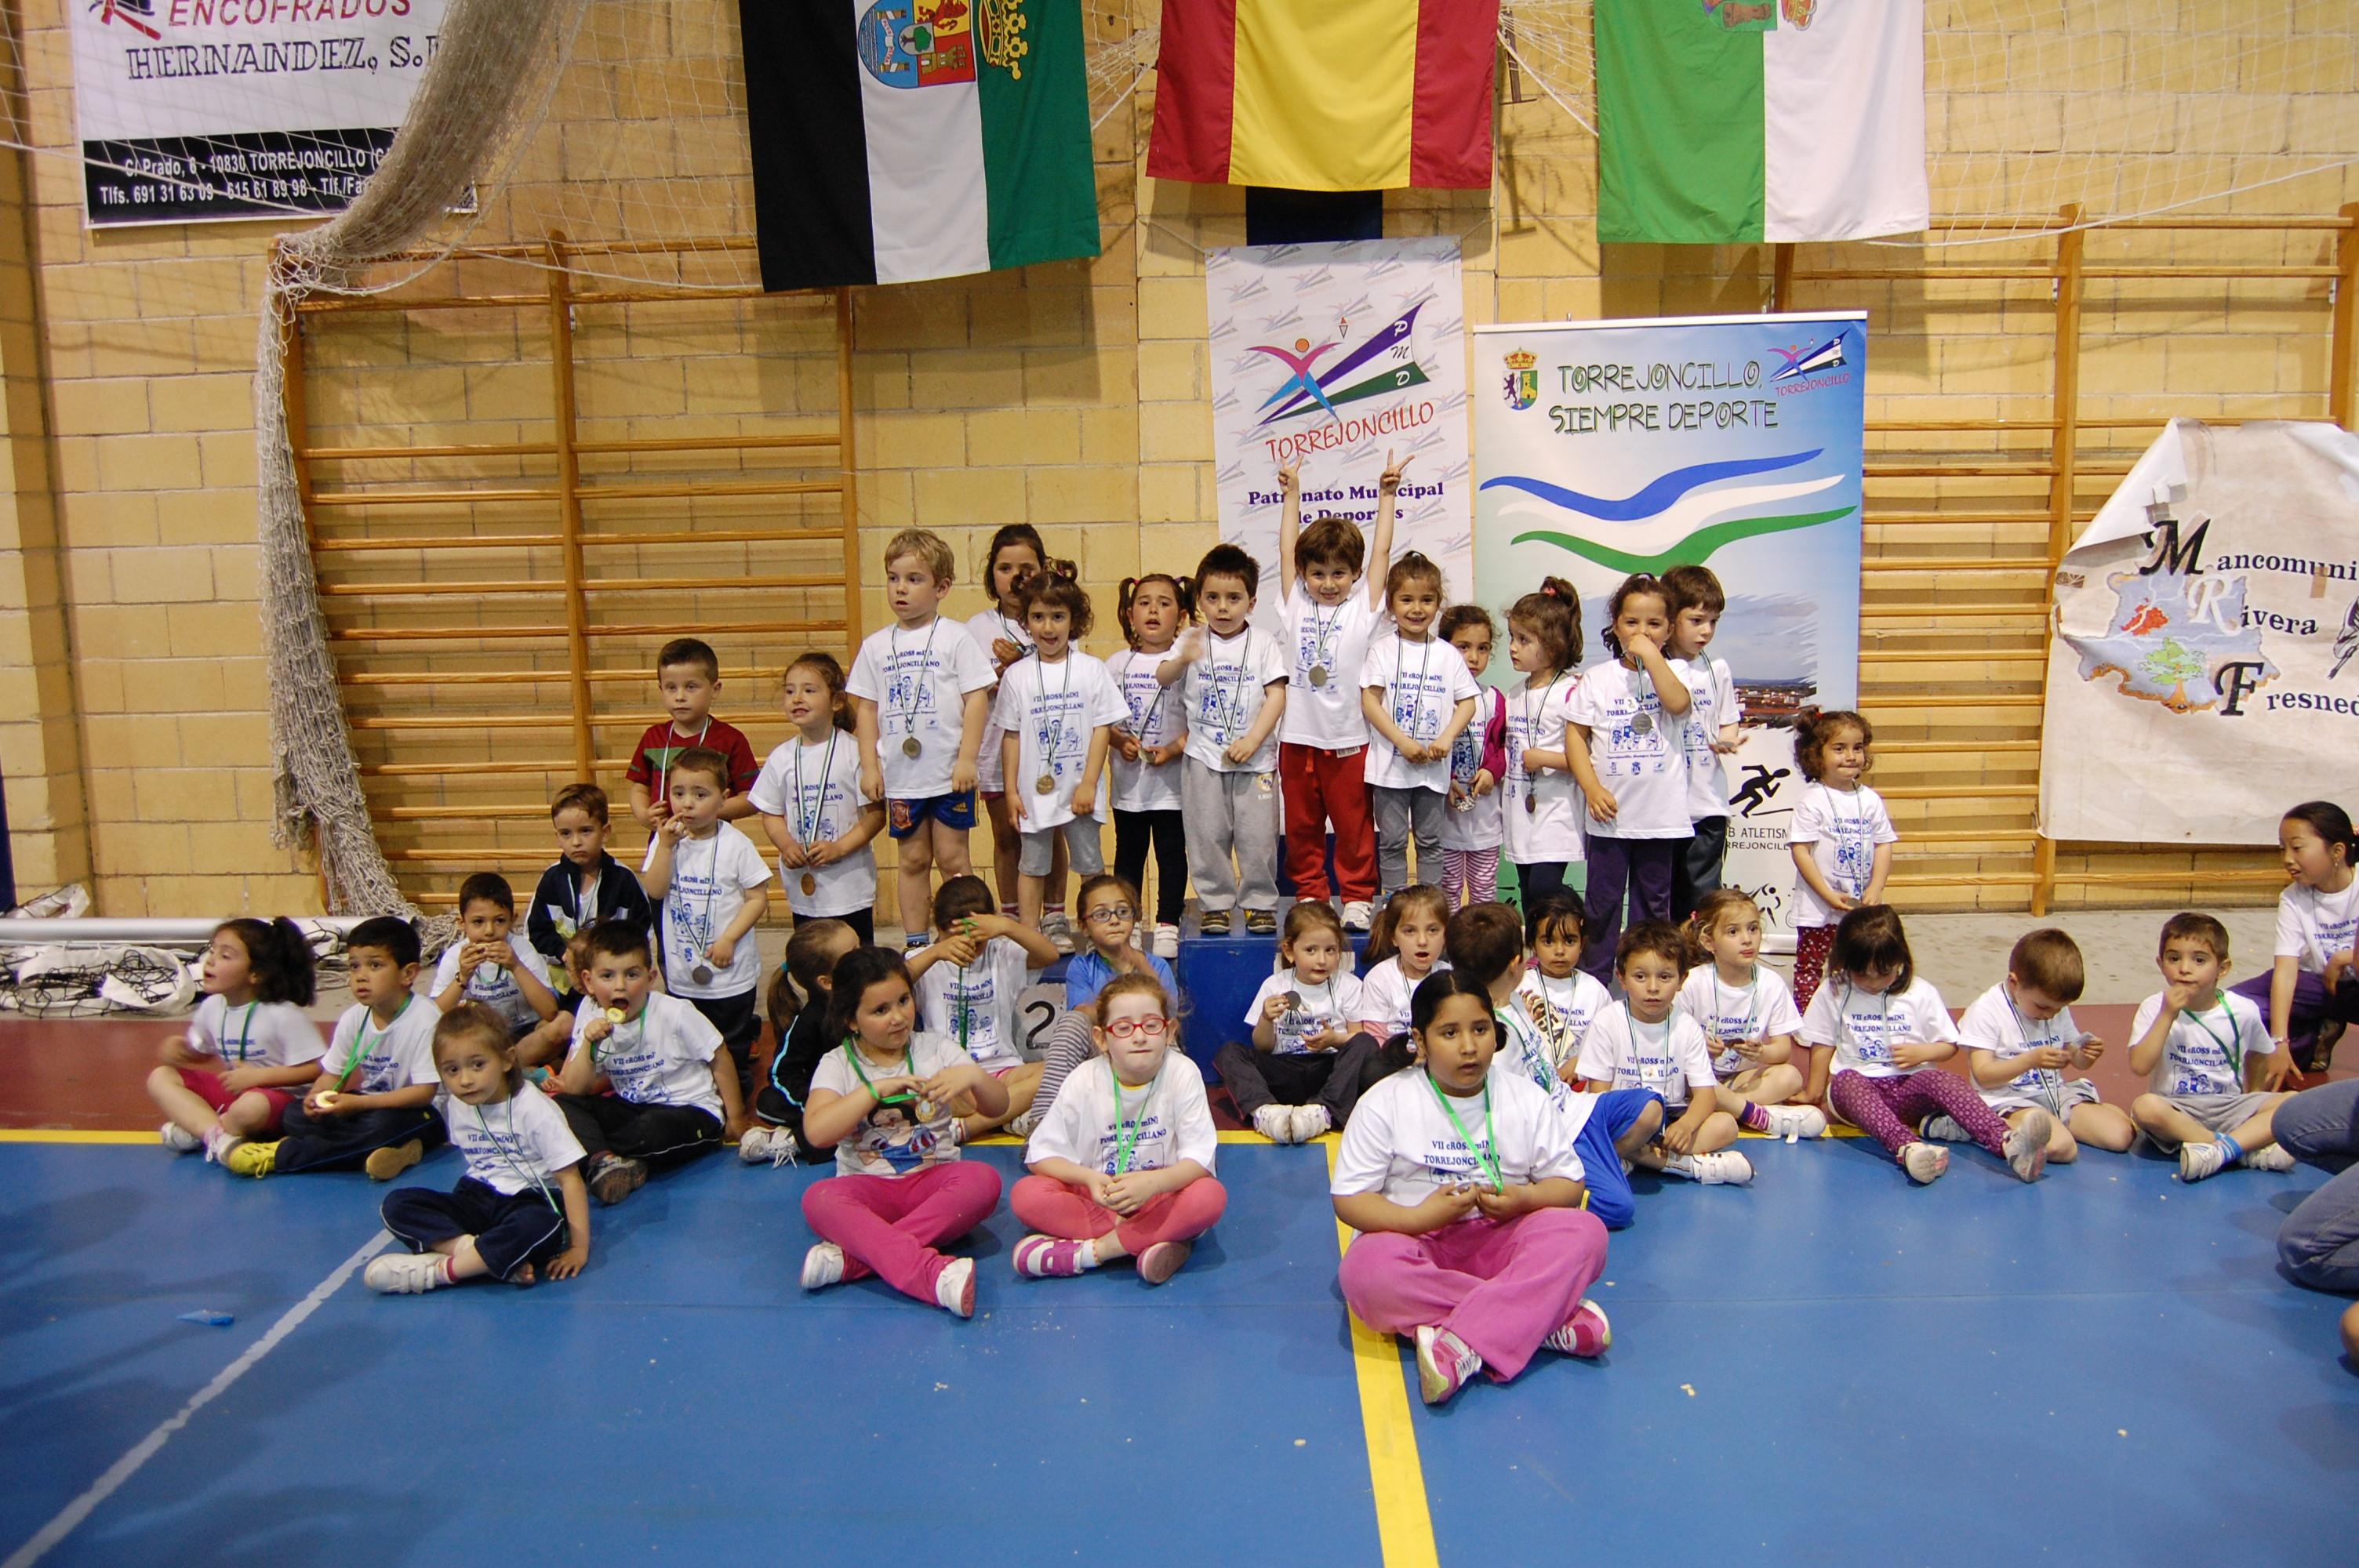 Los niños y niñas torrejoncillanos disfrutaron de una gran tarde de deporte - DINAMIZACIÓN DEPORTIVA